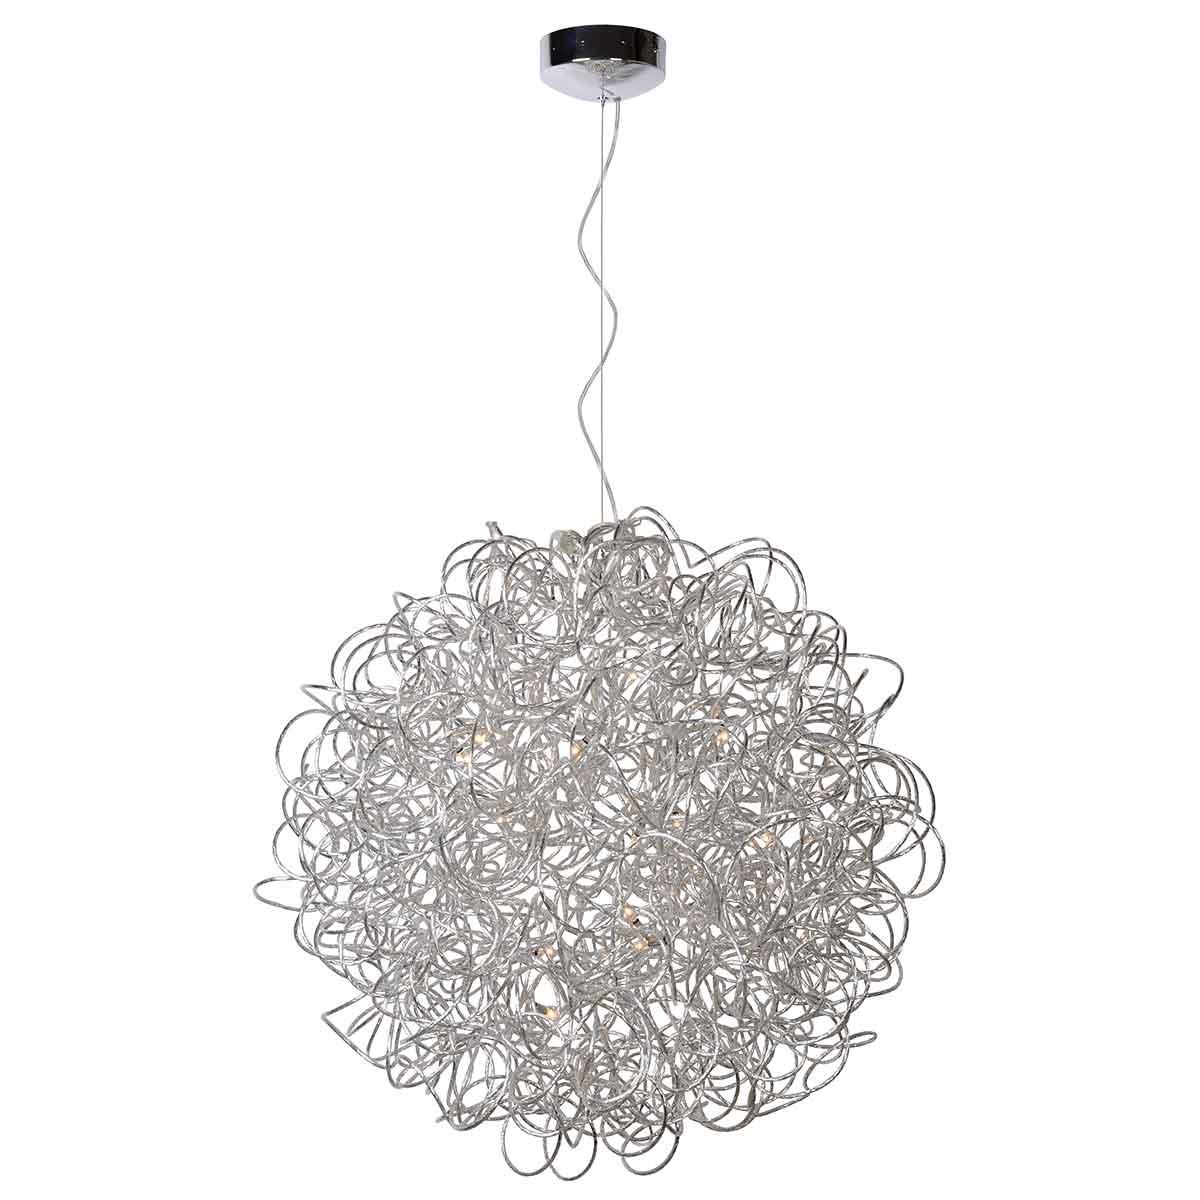 solde luminaire suspension design en image. Black Bedroom Furniture Sets. Home Design Ideas